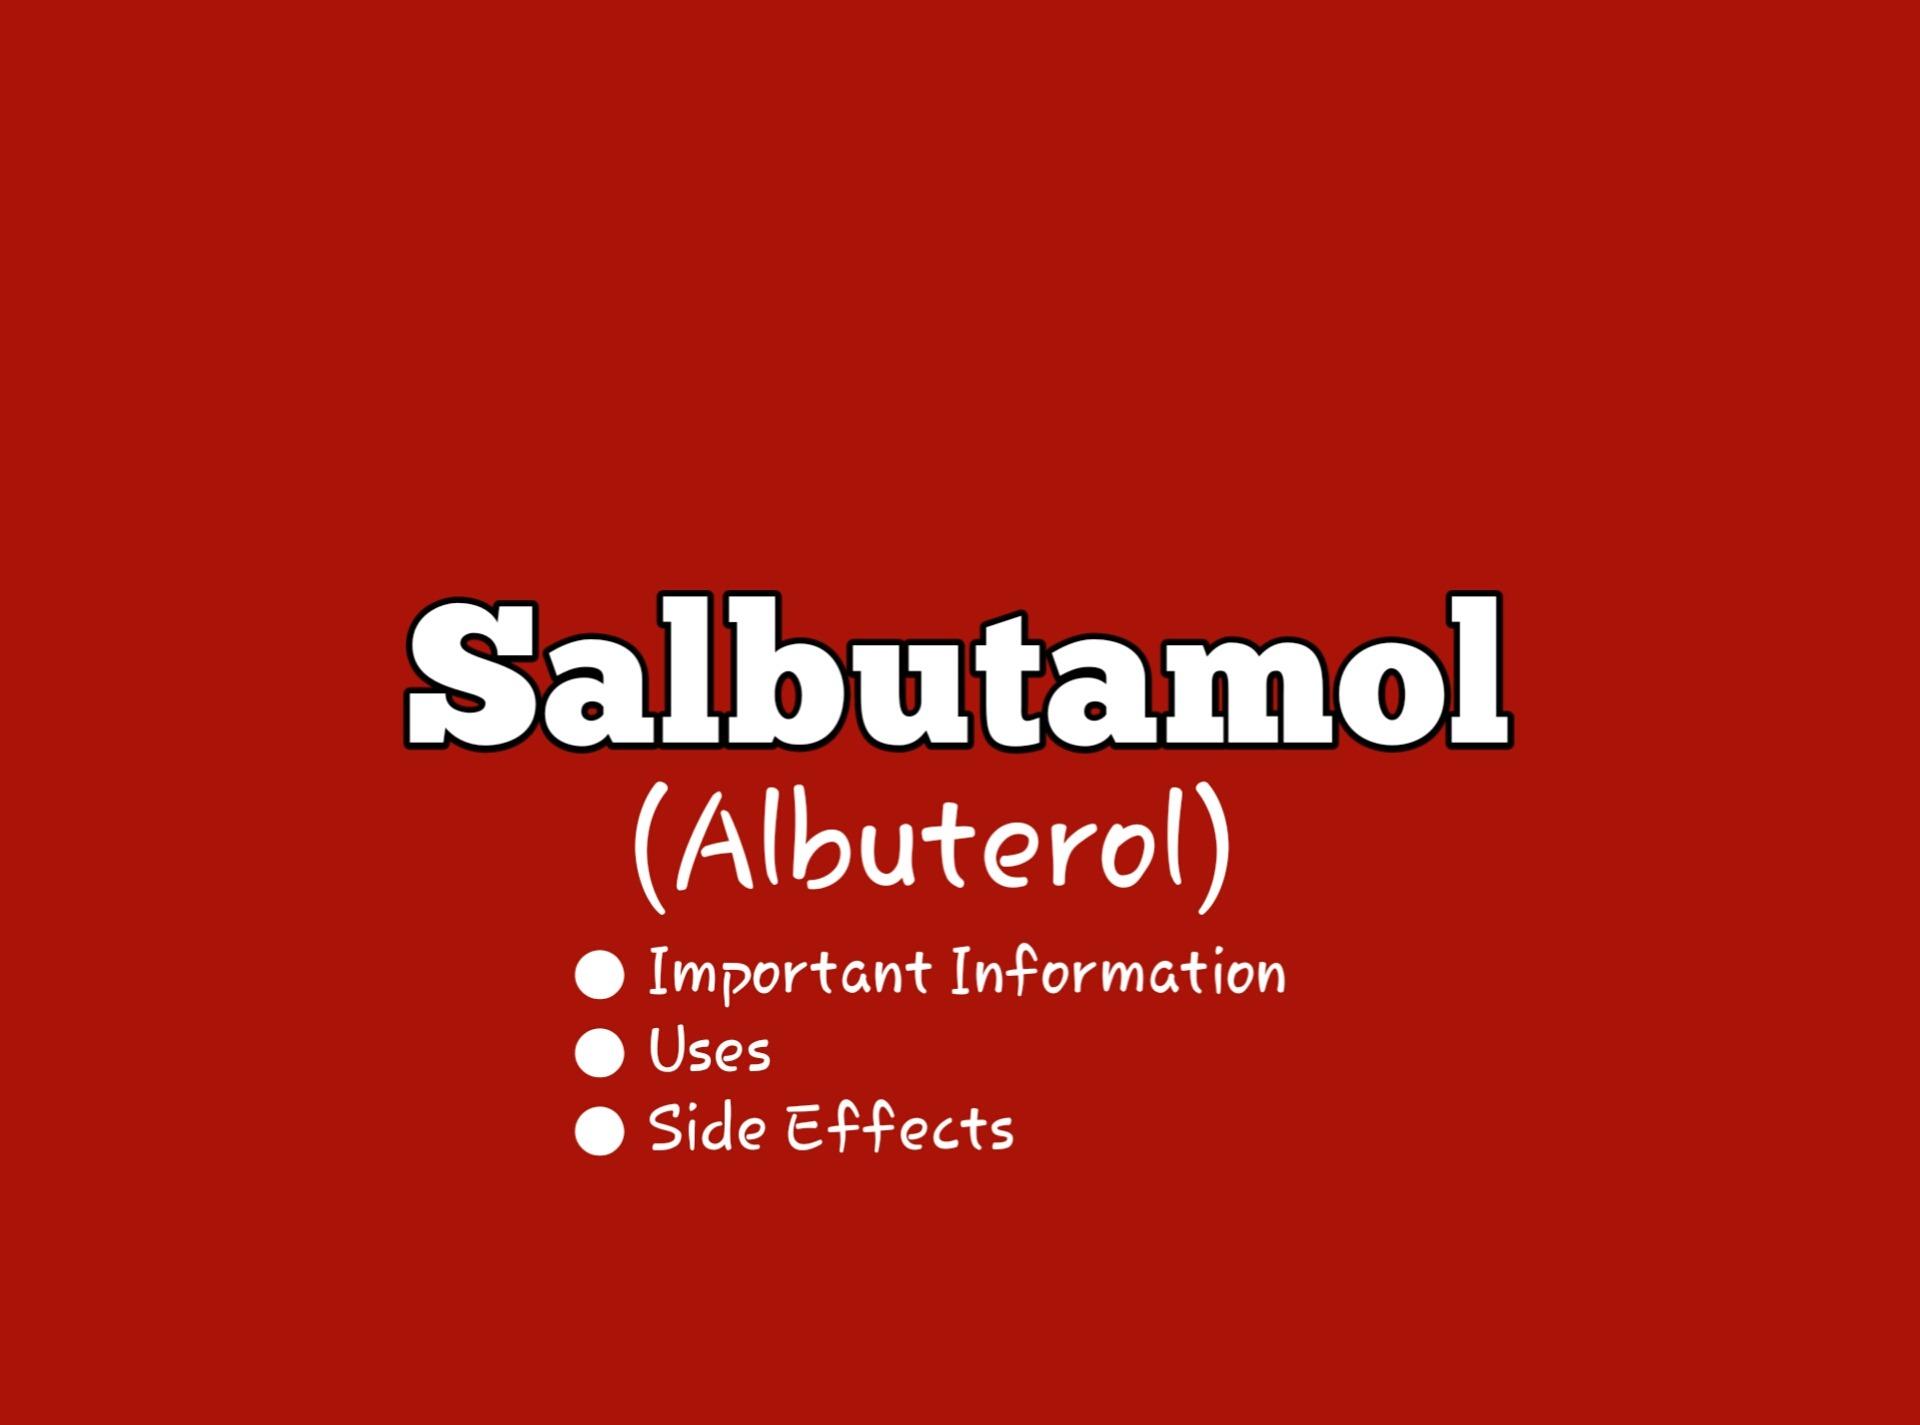 Salbutamol (Ventolin)